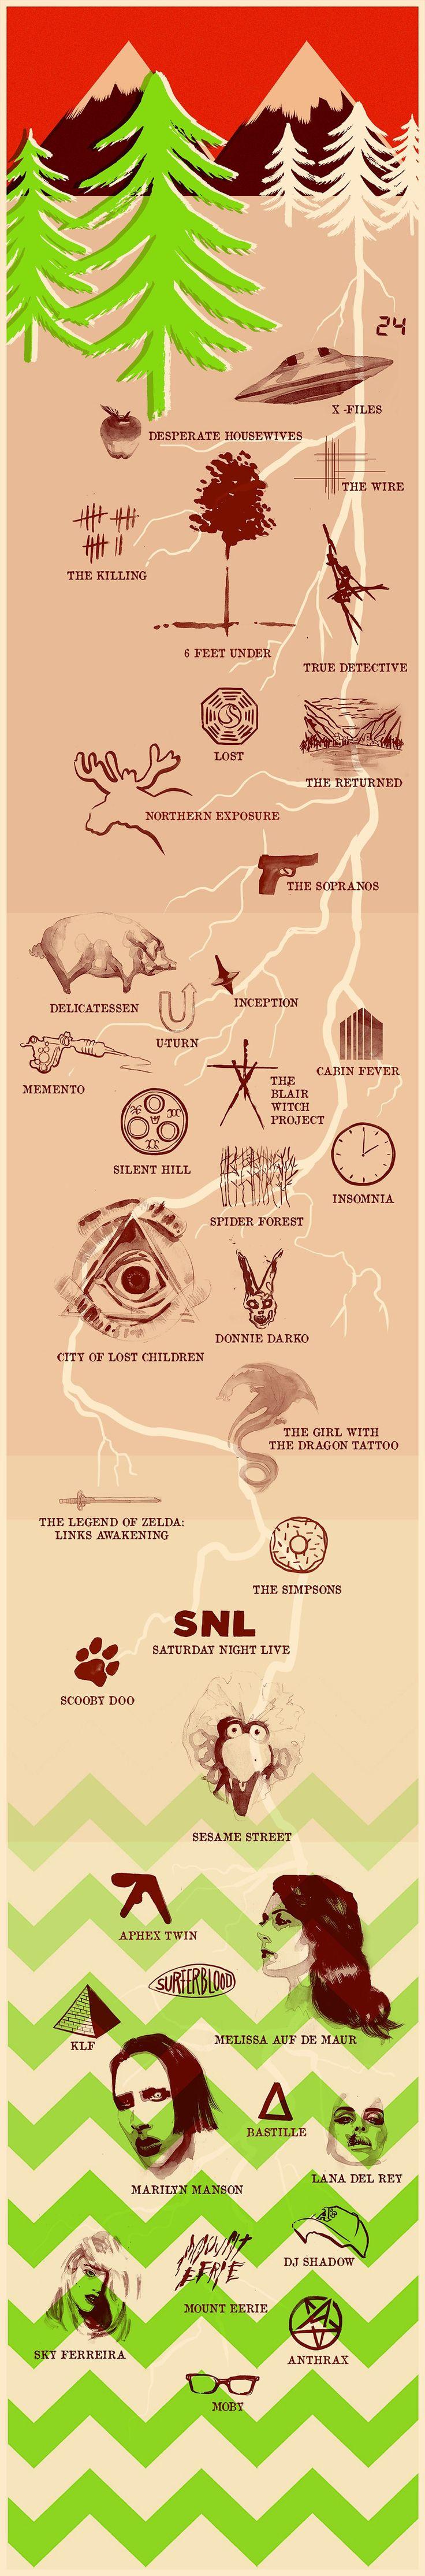 BBC Radio 4 - Twin Peaks - Twin Peaks Family Tree